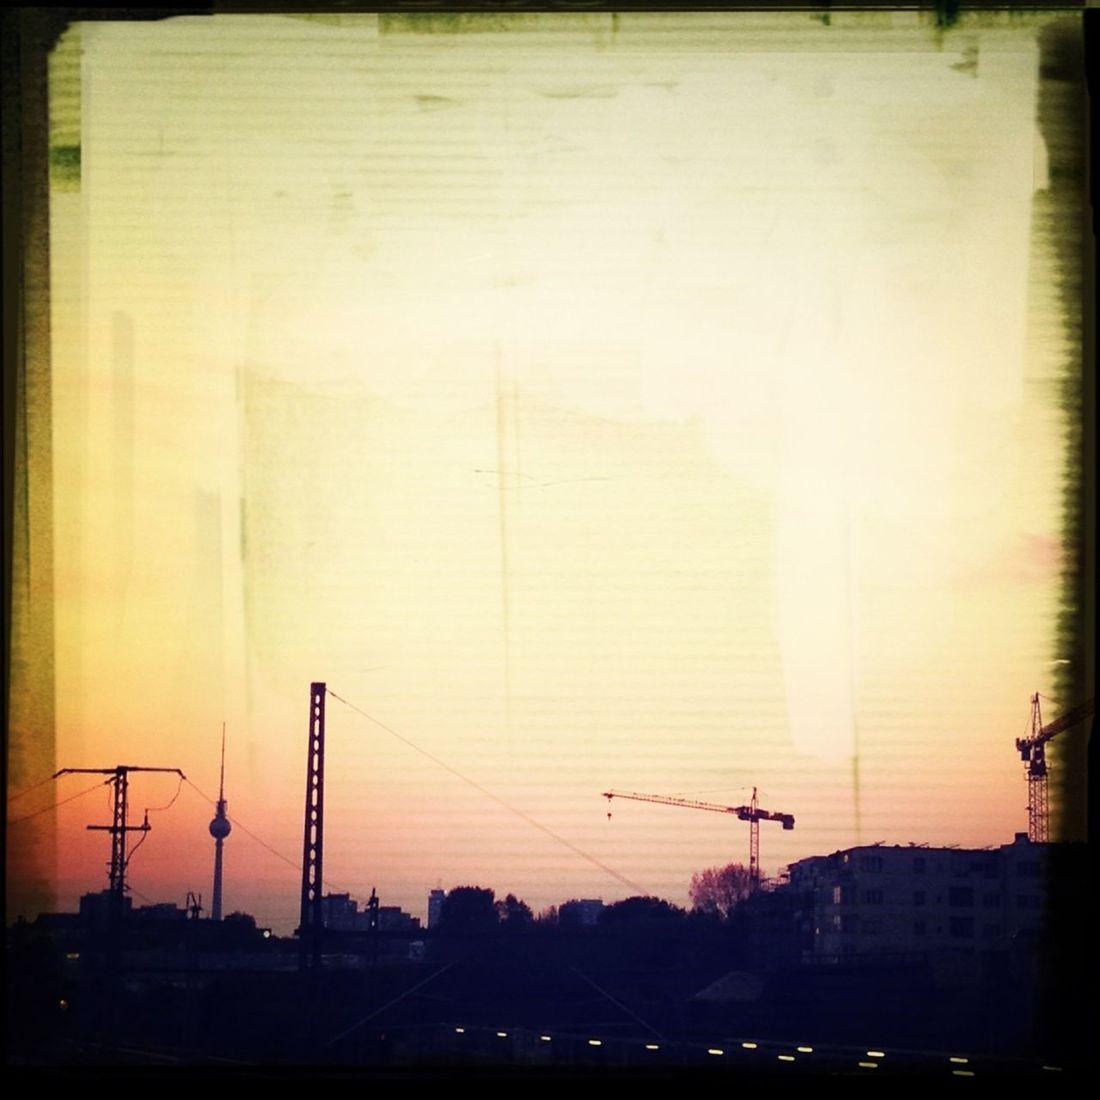 #Ostkreuz #Sunset #Sonnenuntergang Berlin Berlin Ostkreuz Ostkreuz